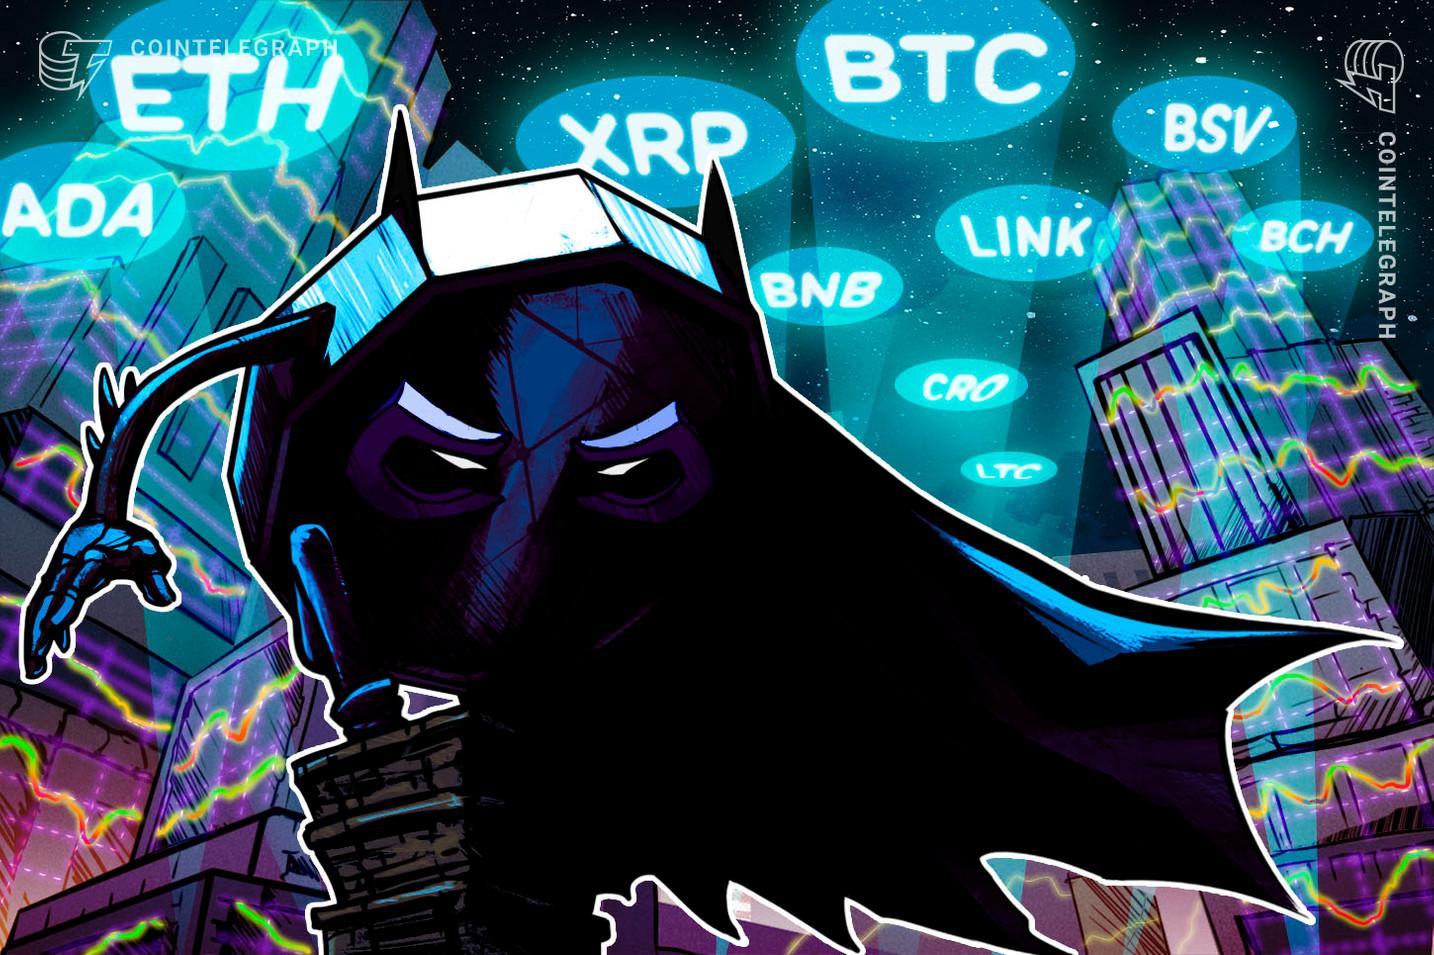 Análisis de precios del 24 de agosto: BTC, ETH, XRP, BCH, LINK, LTC, BSV, CRO, BNB, ADA